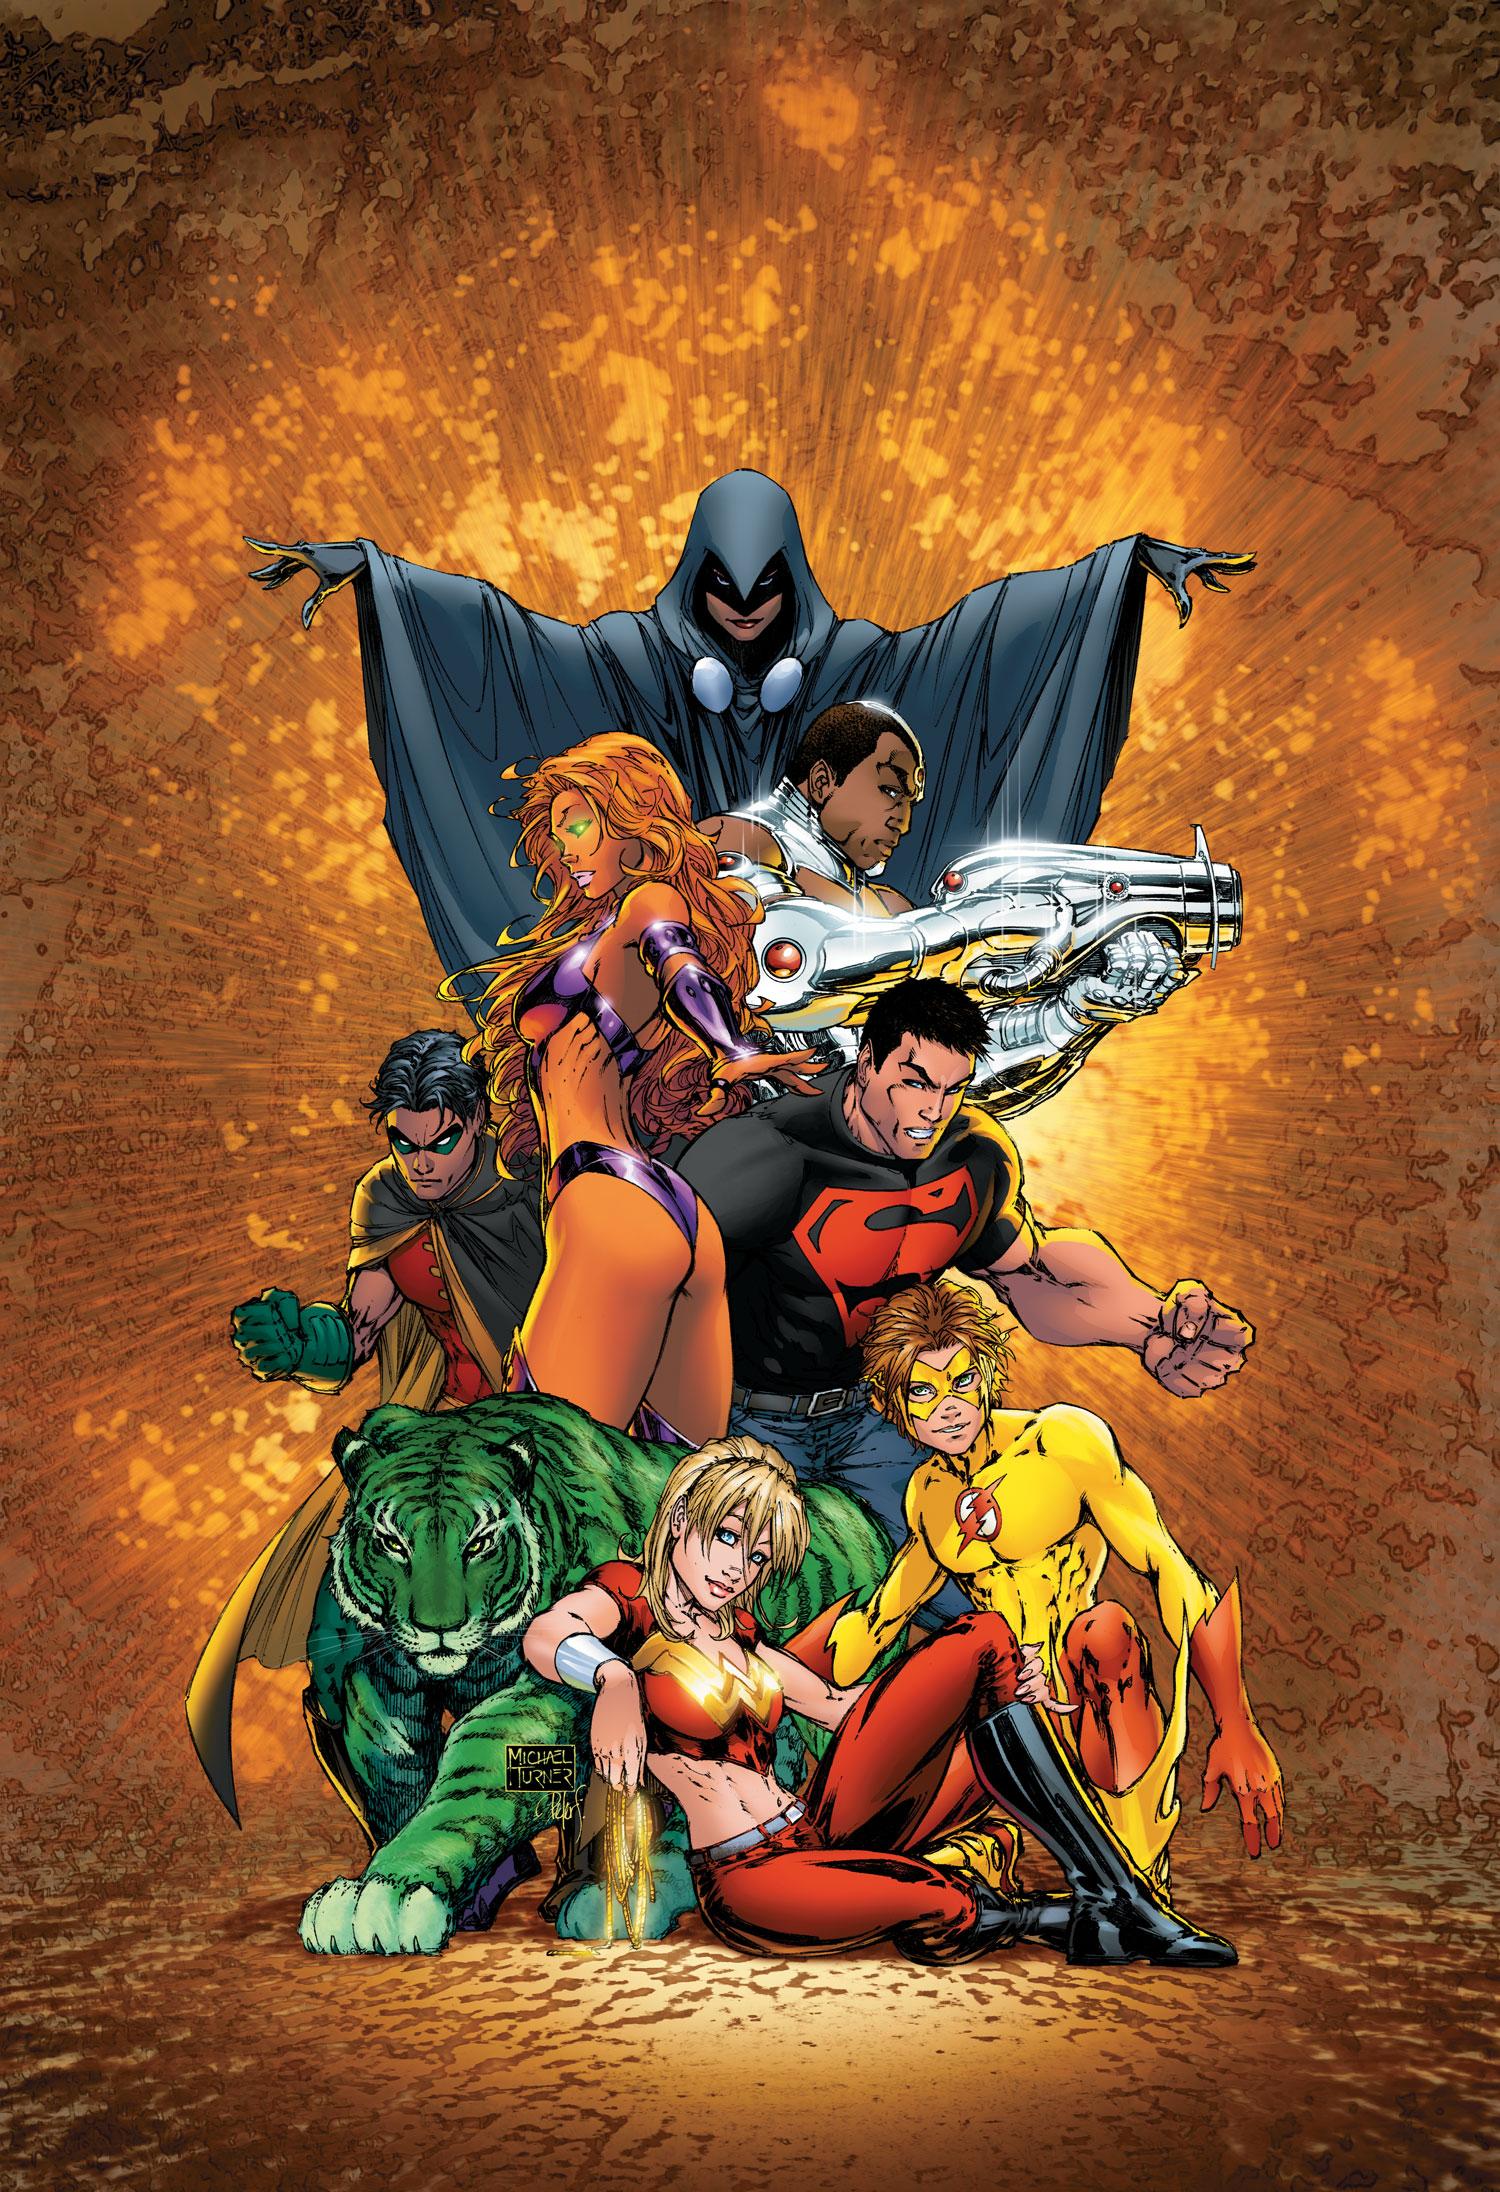 http://vignette1.wikia.nocookie.net/marvel_dc/images/d/d2/Teen_Titans_0001.jpg/revision/latest?cb=20130221225314